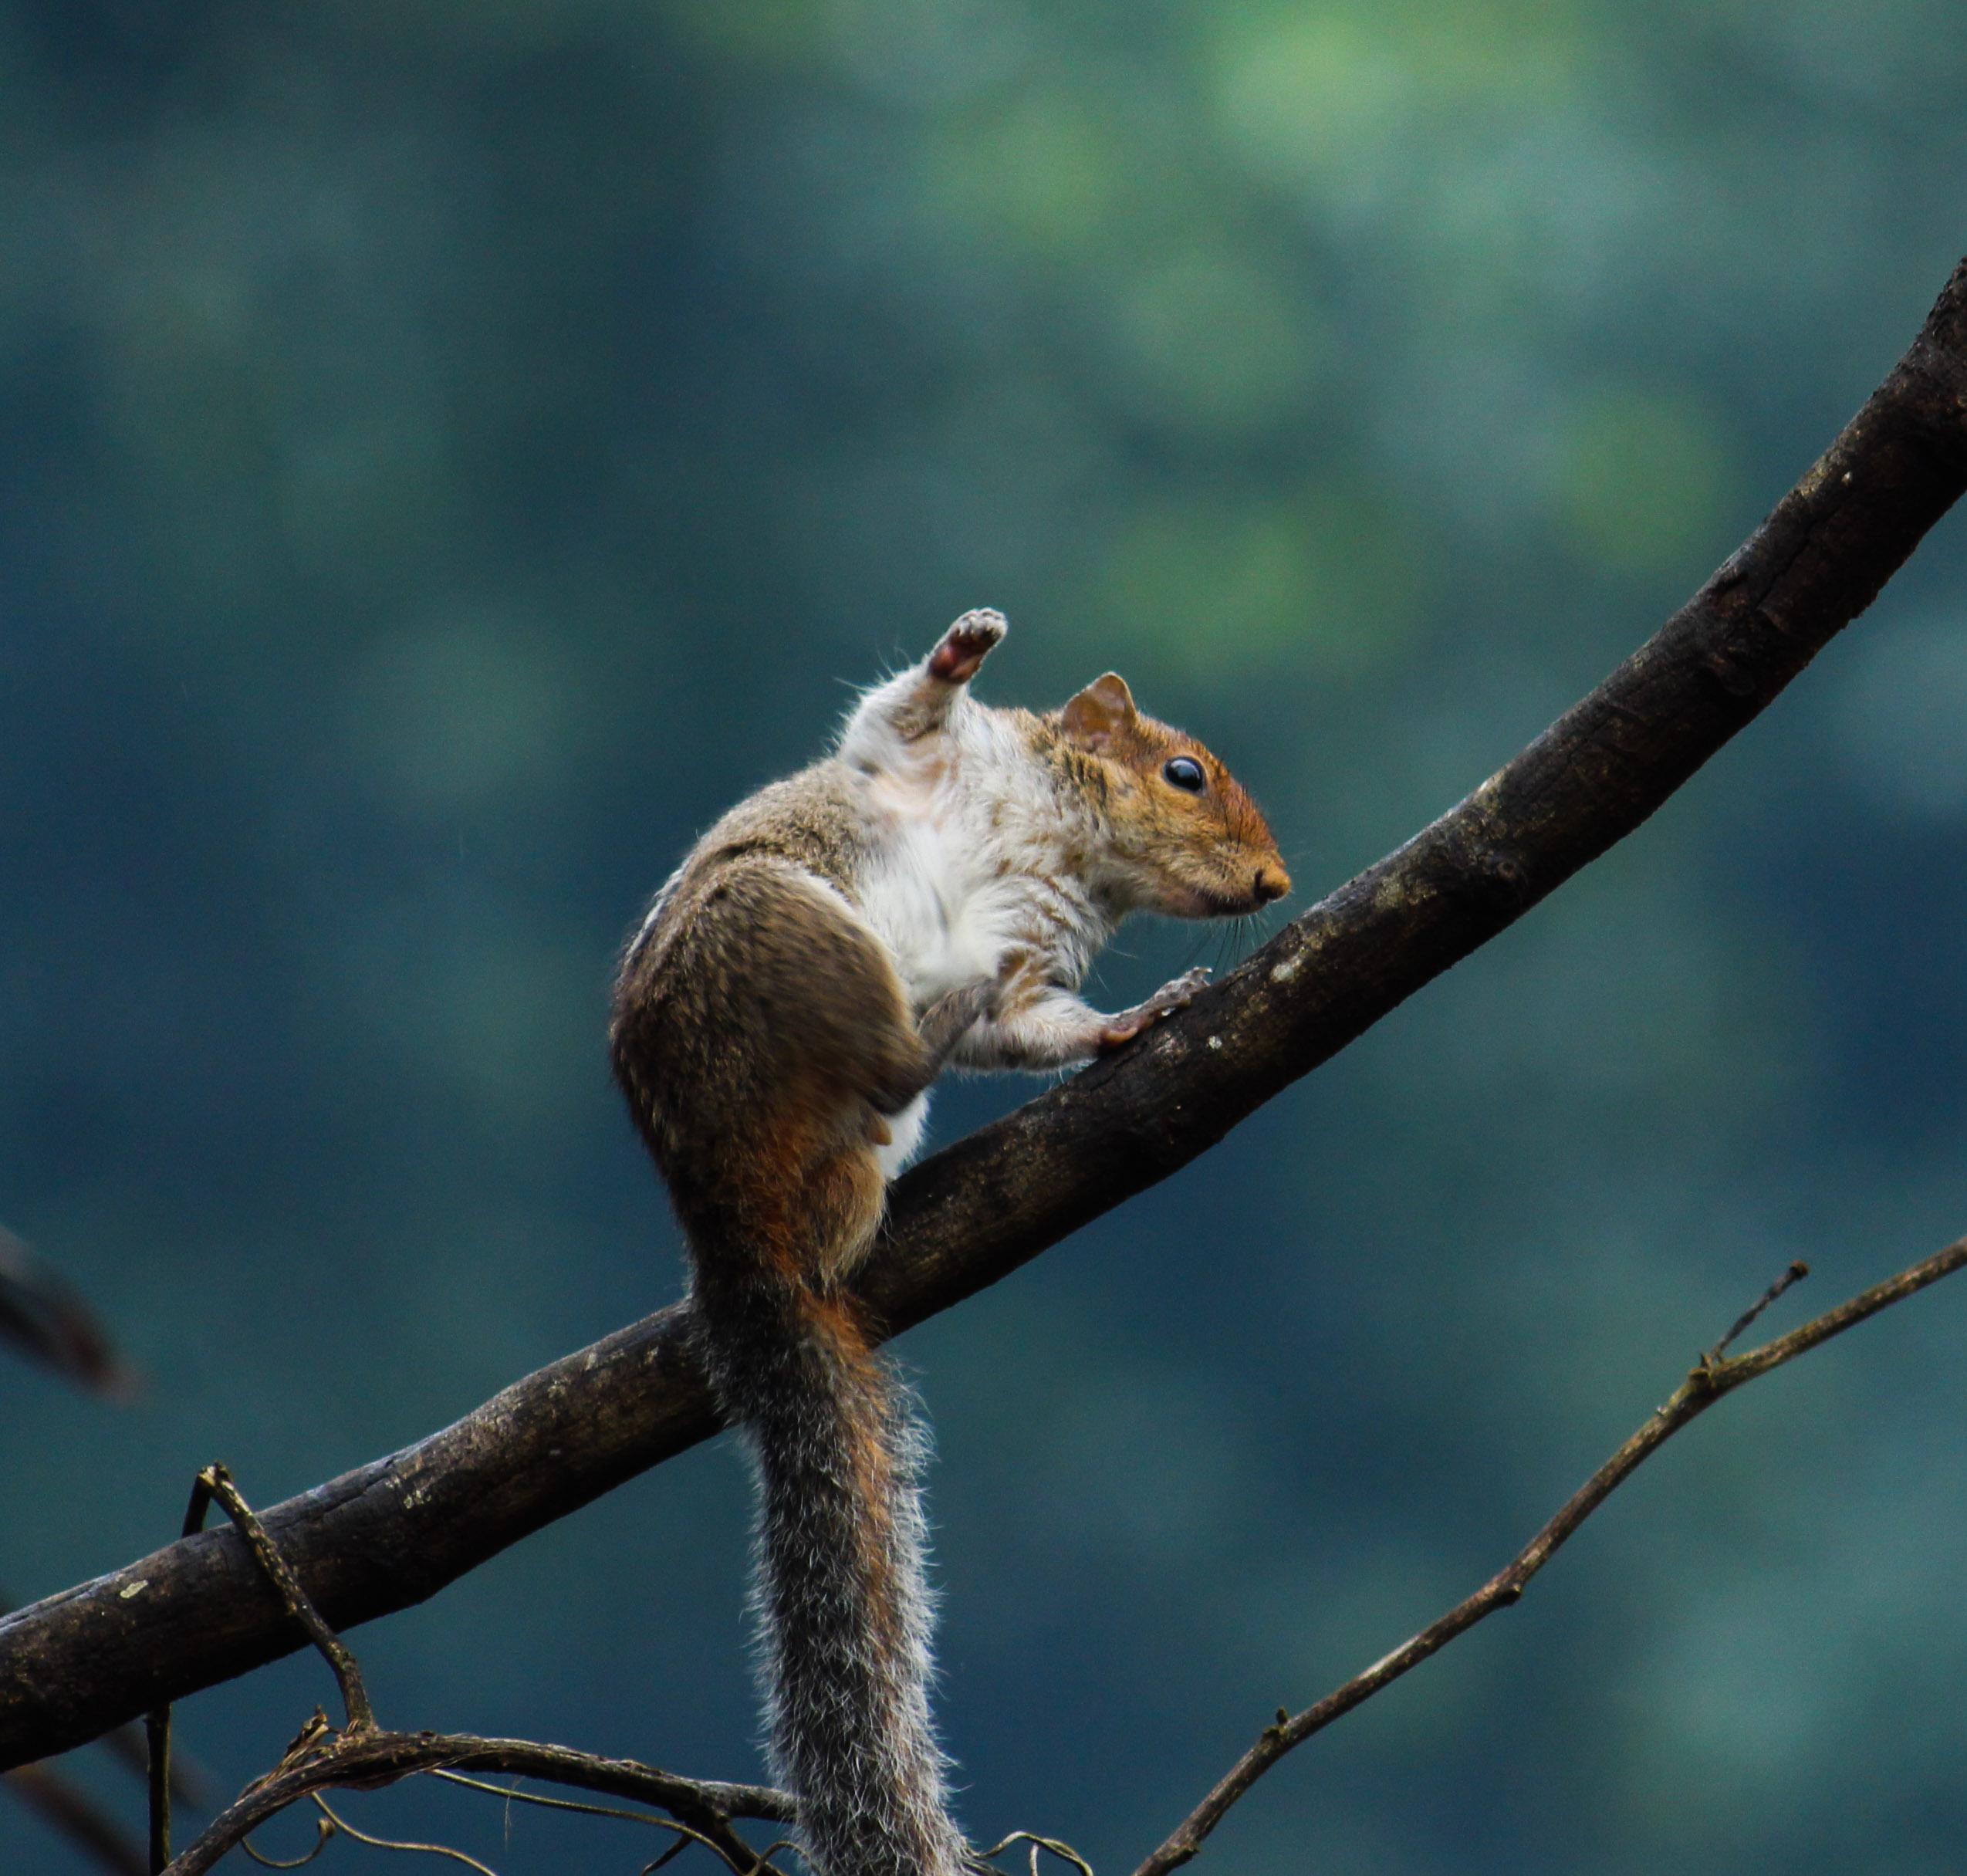 Fox Squirrel on Twig